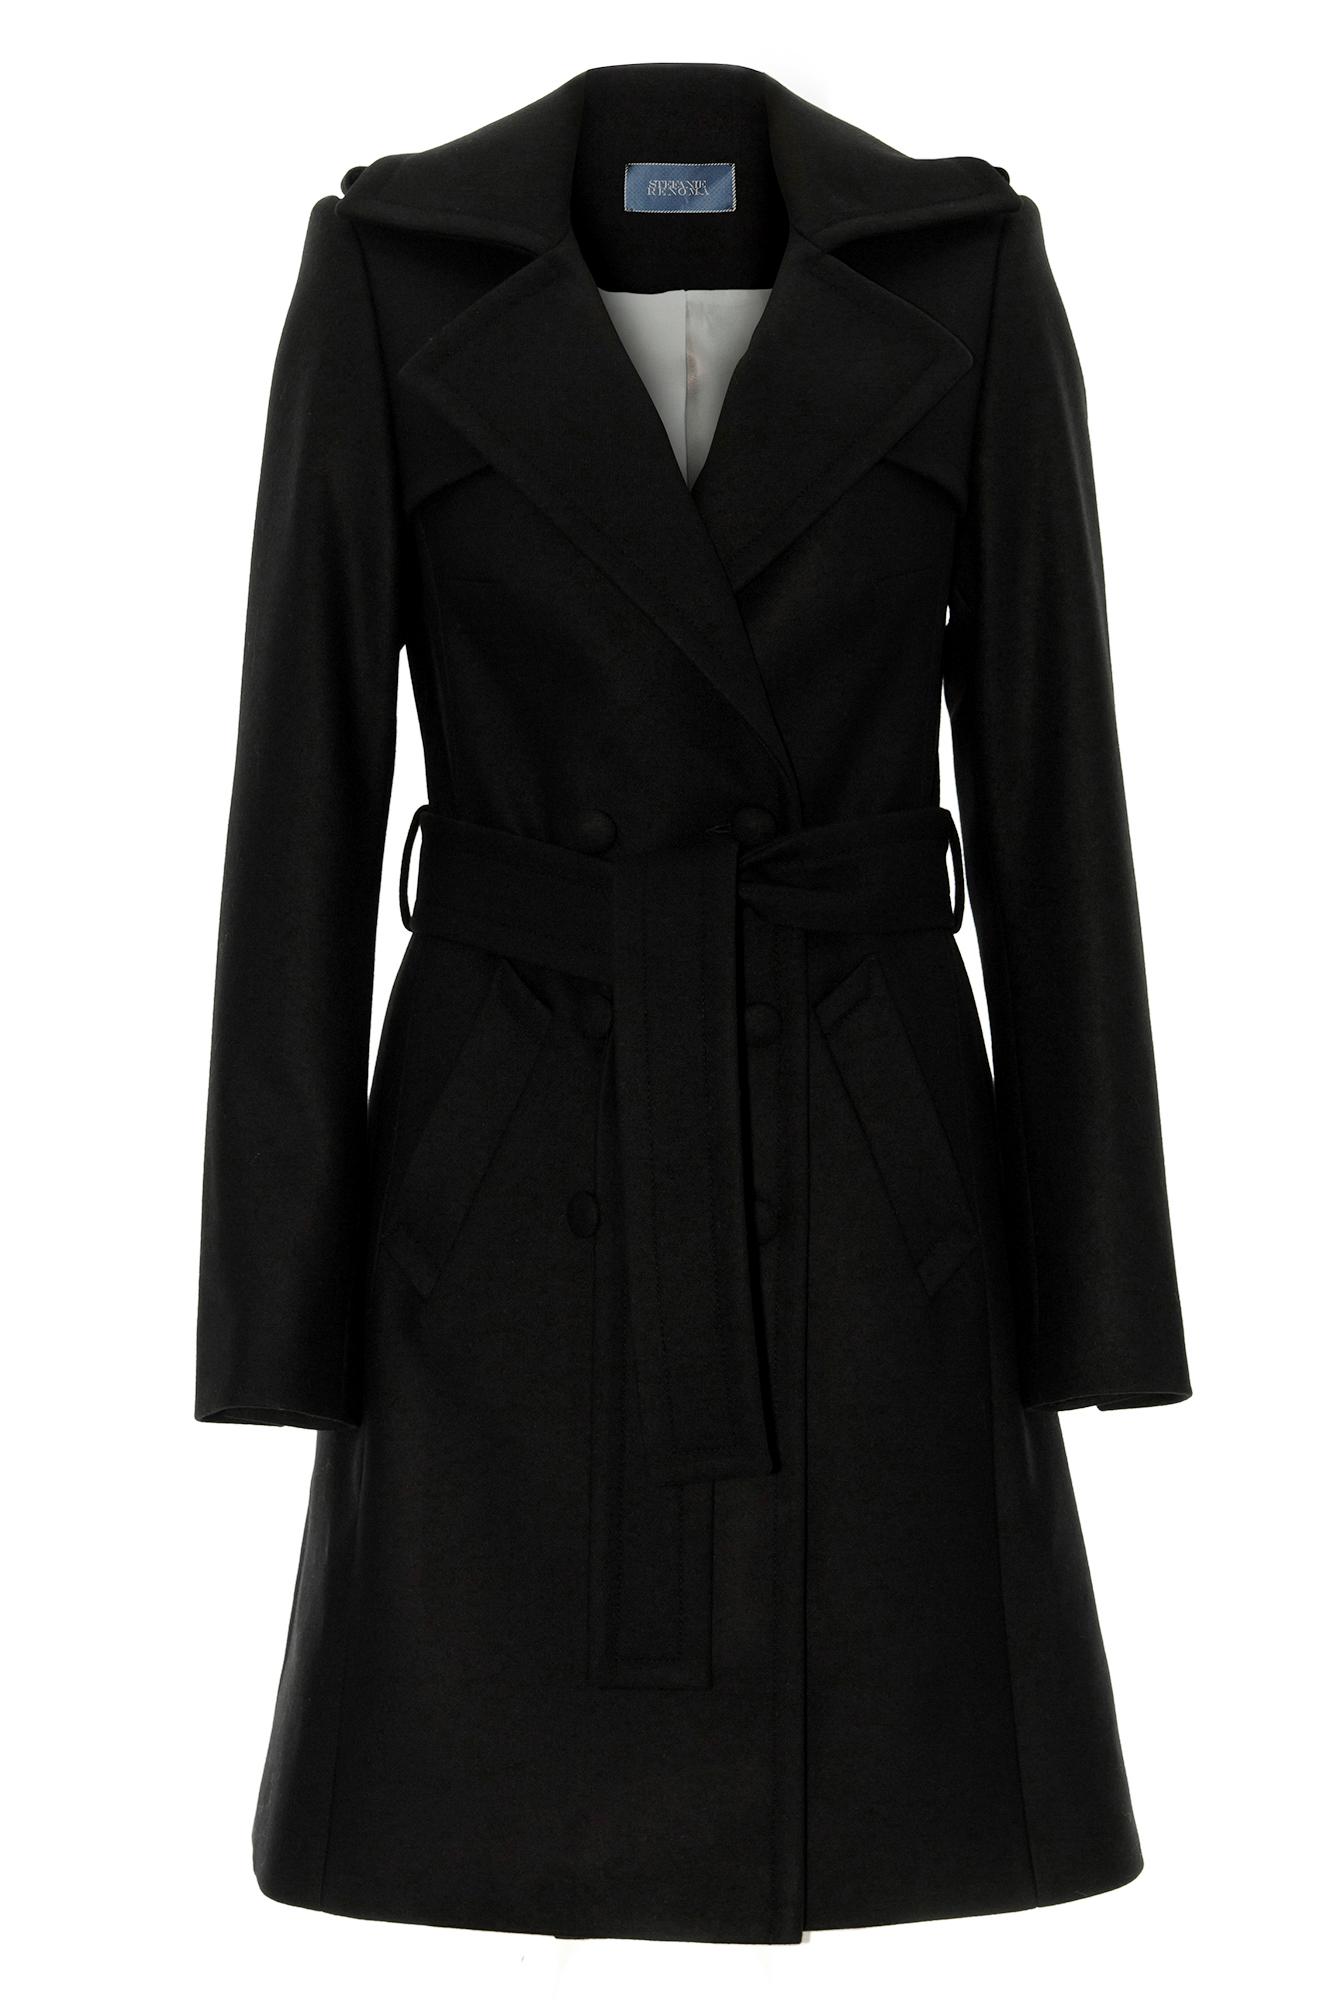 Manteau cachemire femme noir